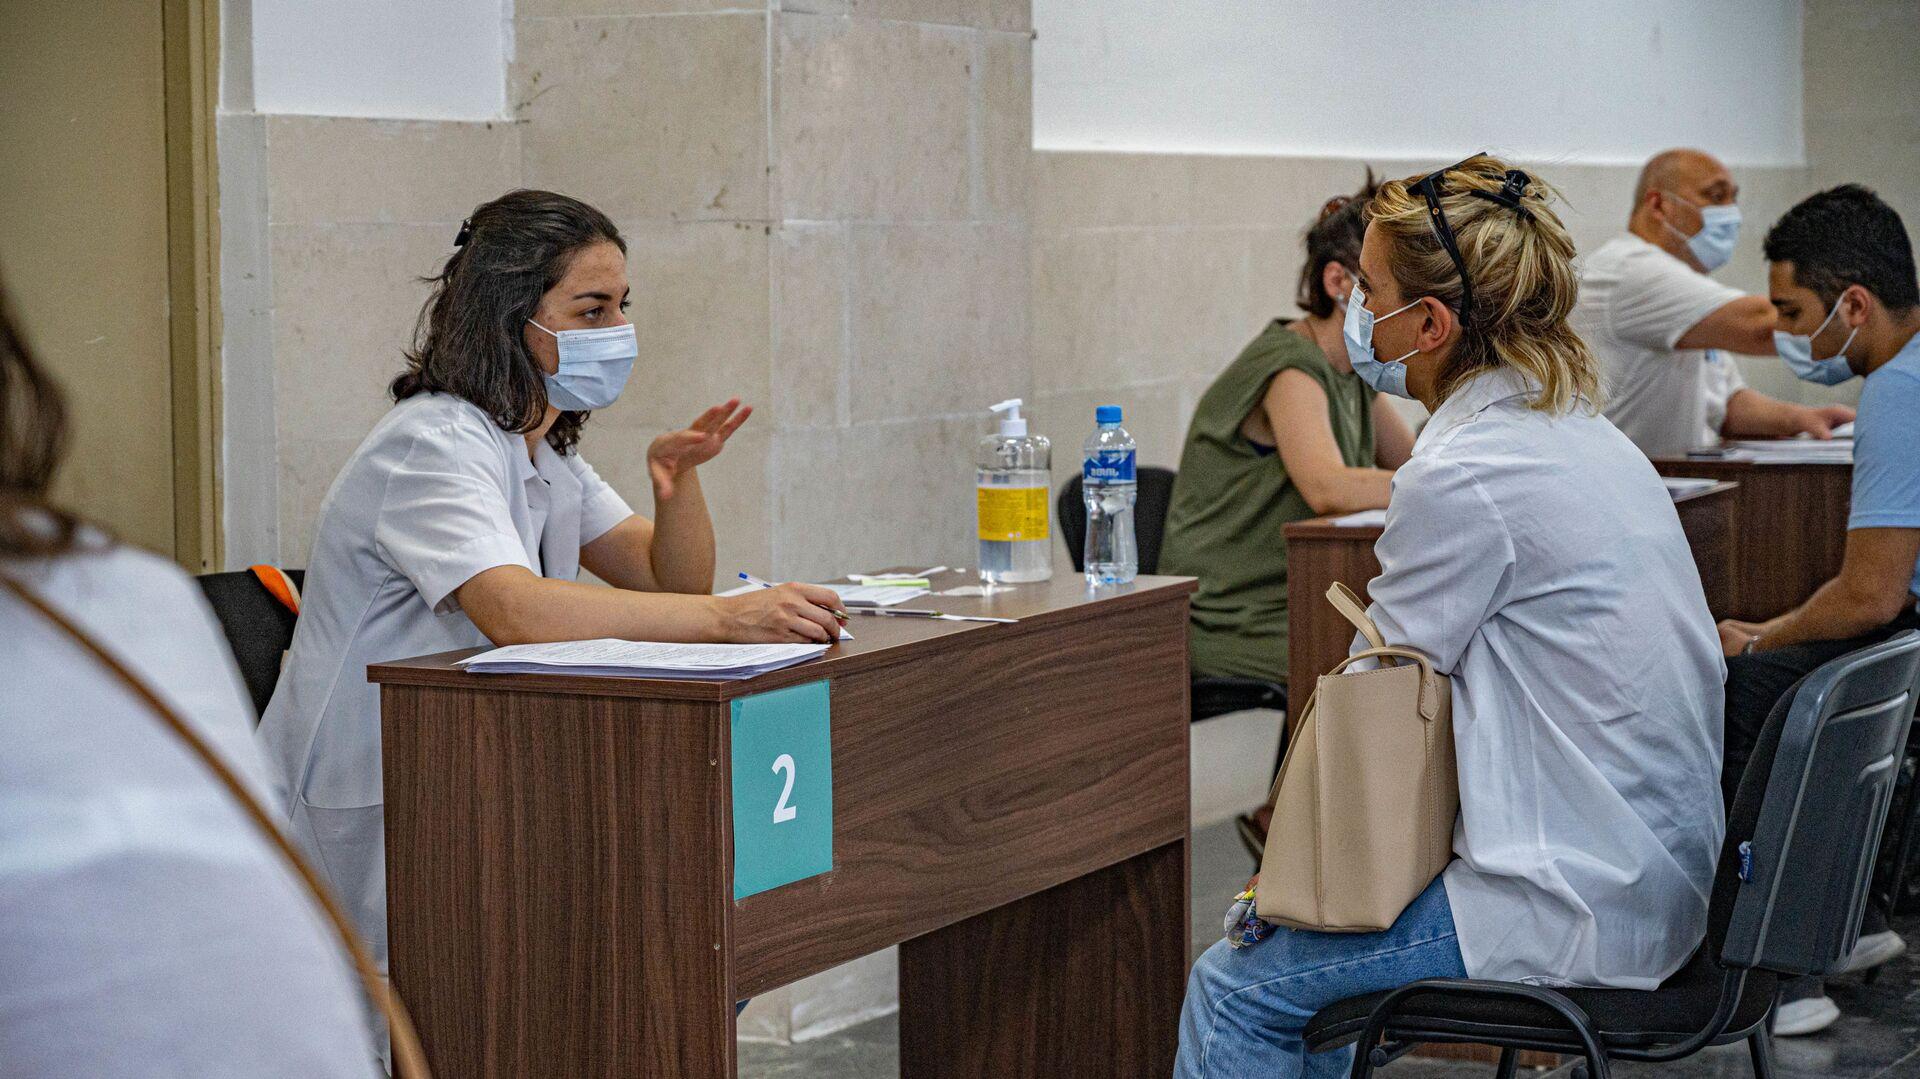 Регистрация на вакцинацию в шестом корпусе Тбилисского технического университета - Sputnik Грузия, 1920, 24.09.2021